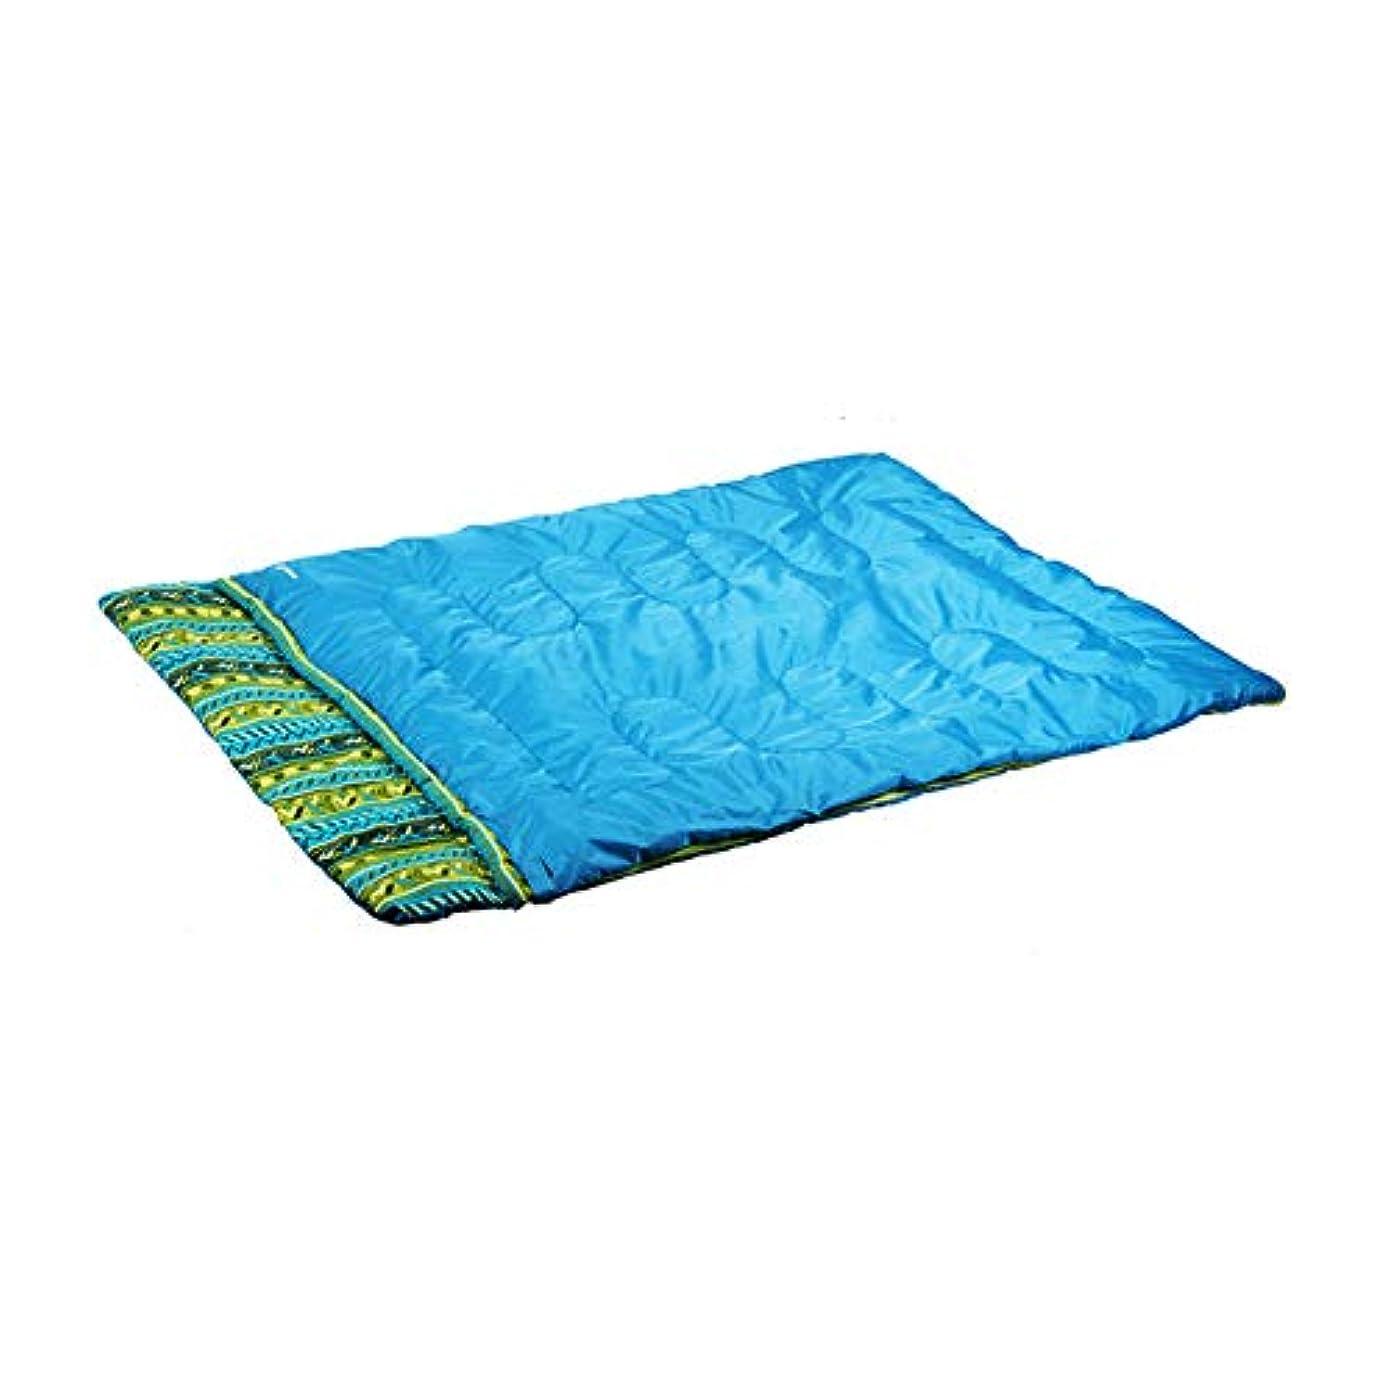 見分ける埋めるタックルDurable,breathable,comfortableダブル寝袋、厚い暖かいキャンプ睡眠バッグ大人または十代の若者たち寒い天気2人睡眠サックポータブル封筒防水スリーピングパッド,blue,210*150cm